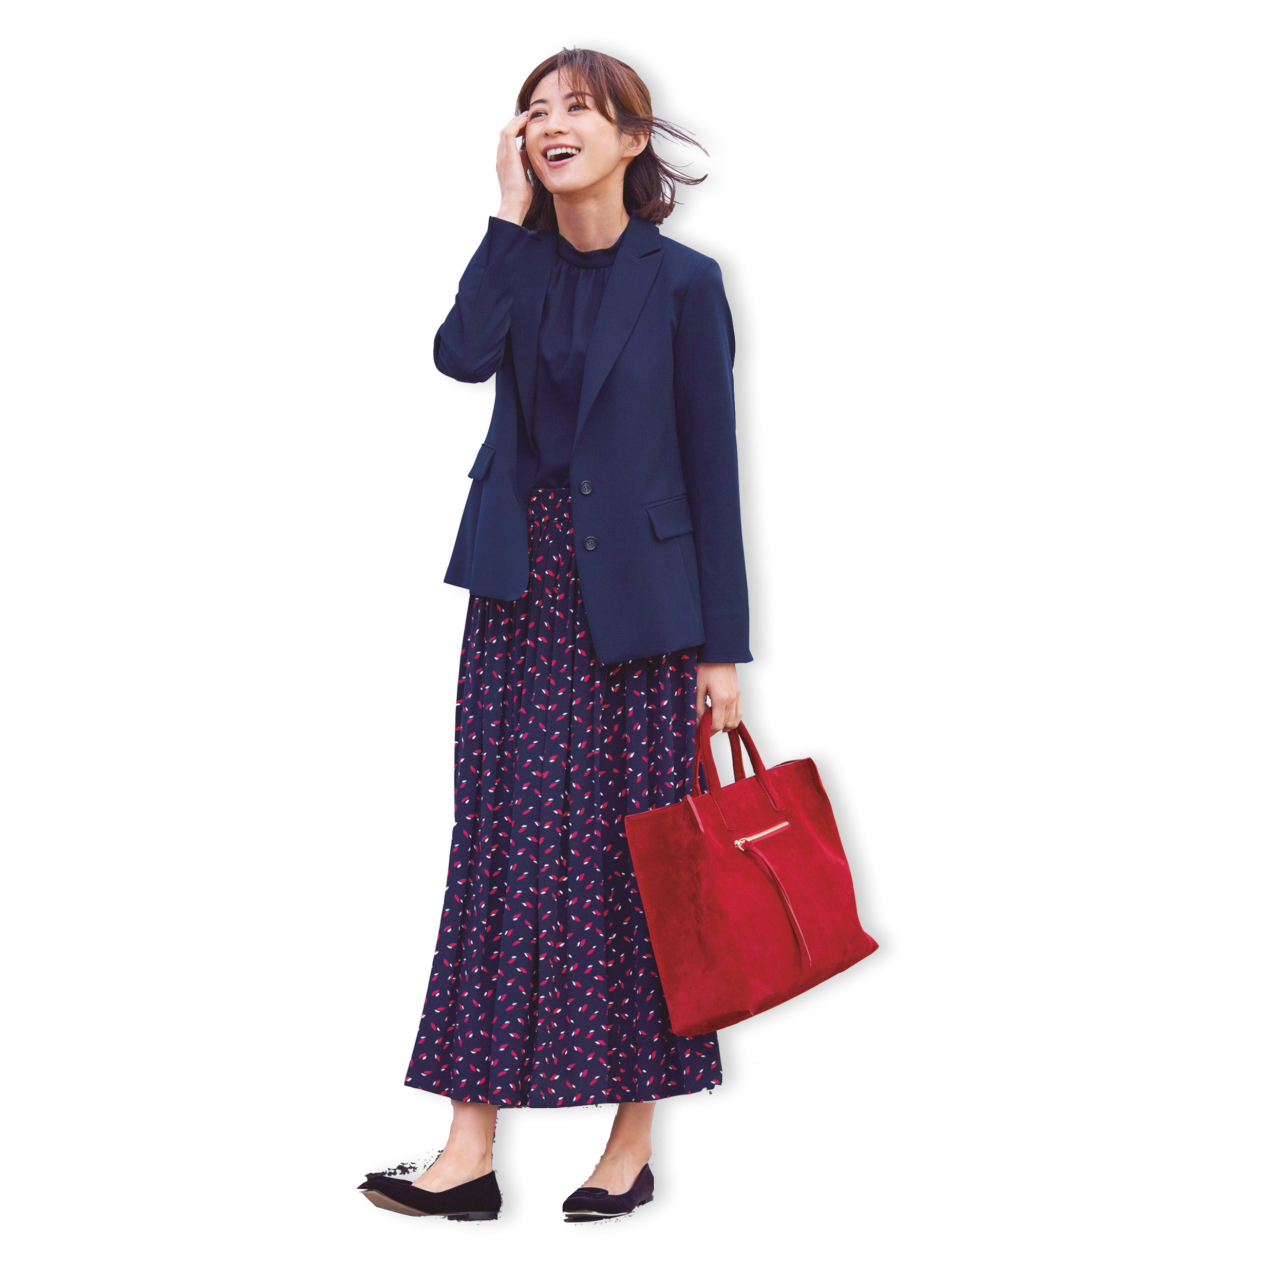 赤バッグ×柄スカートのファッションコーデ